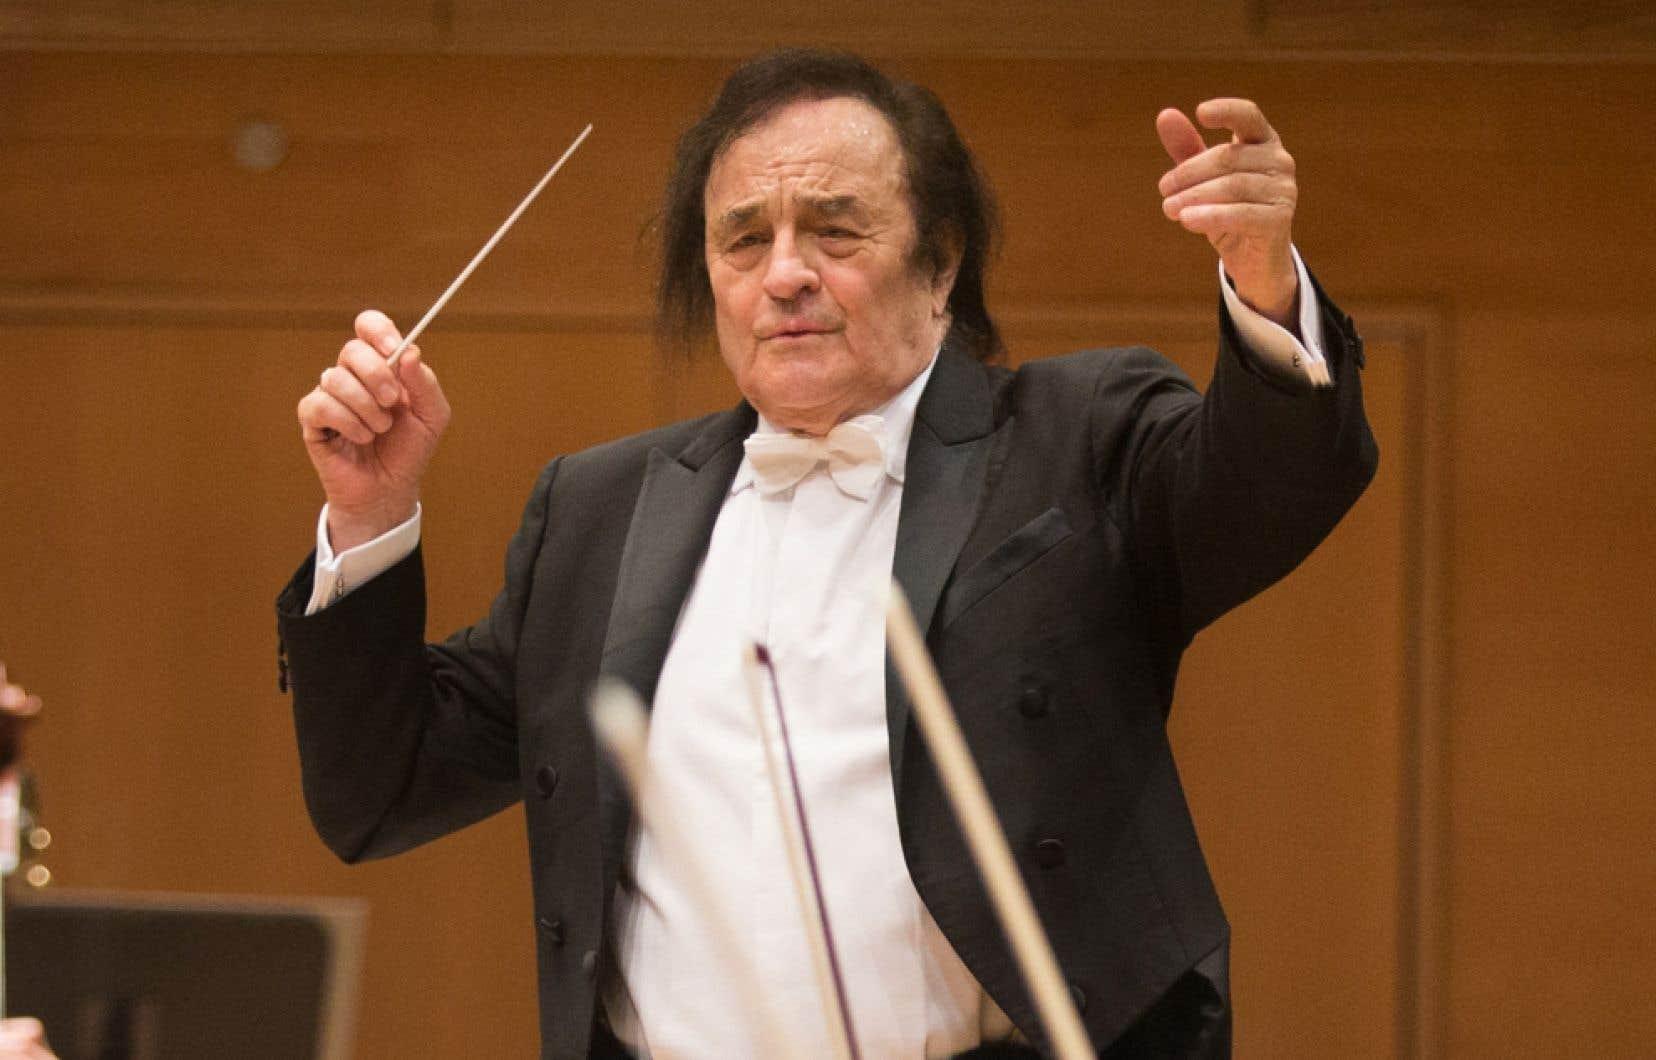 Charles Dutoit fait face depuis environ un an à une série d'allégations d'agressions sexuelles,et plusieurs orchestres ont depuis mis fin à leur collaboration avec le chef.